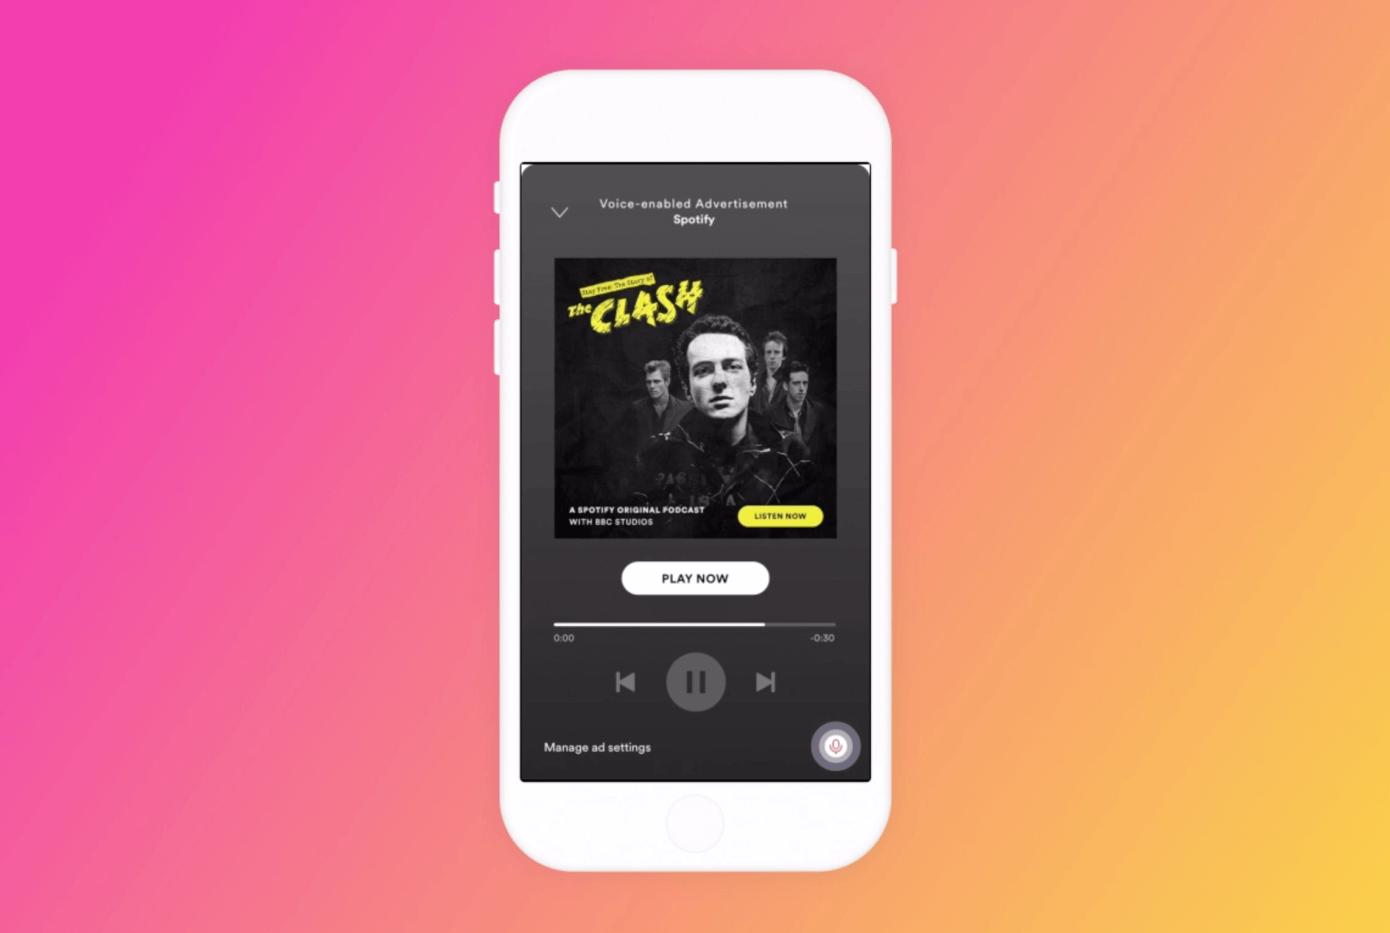 Spotify schaltet Ads mit Audio-Aktivierung